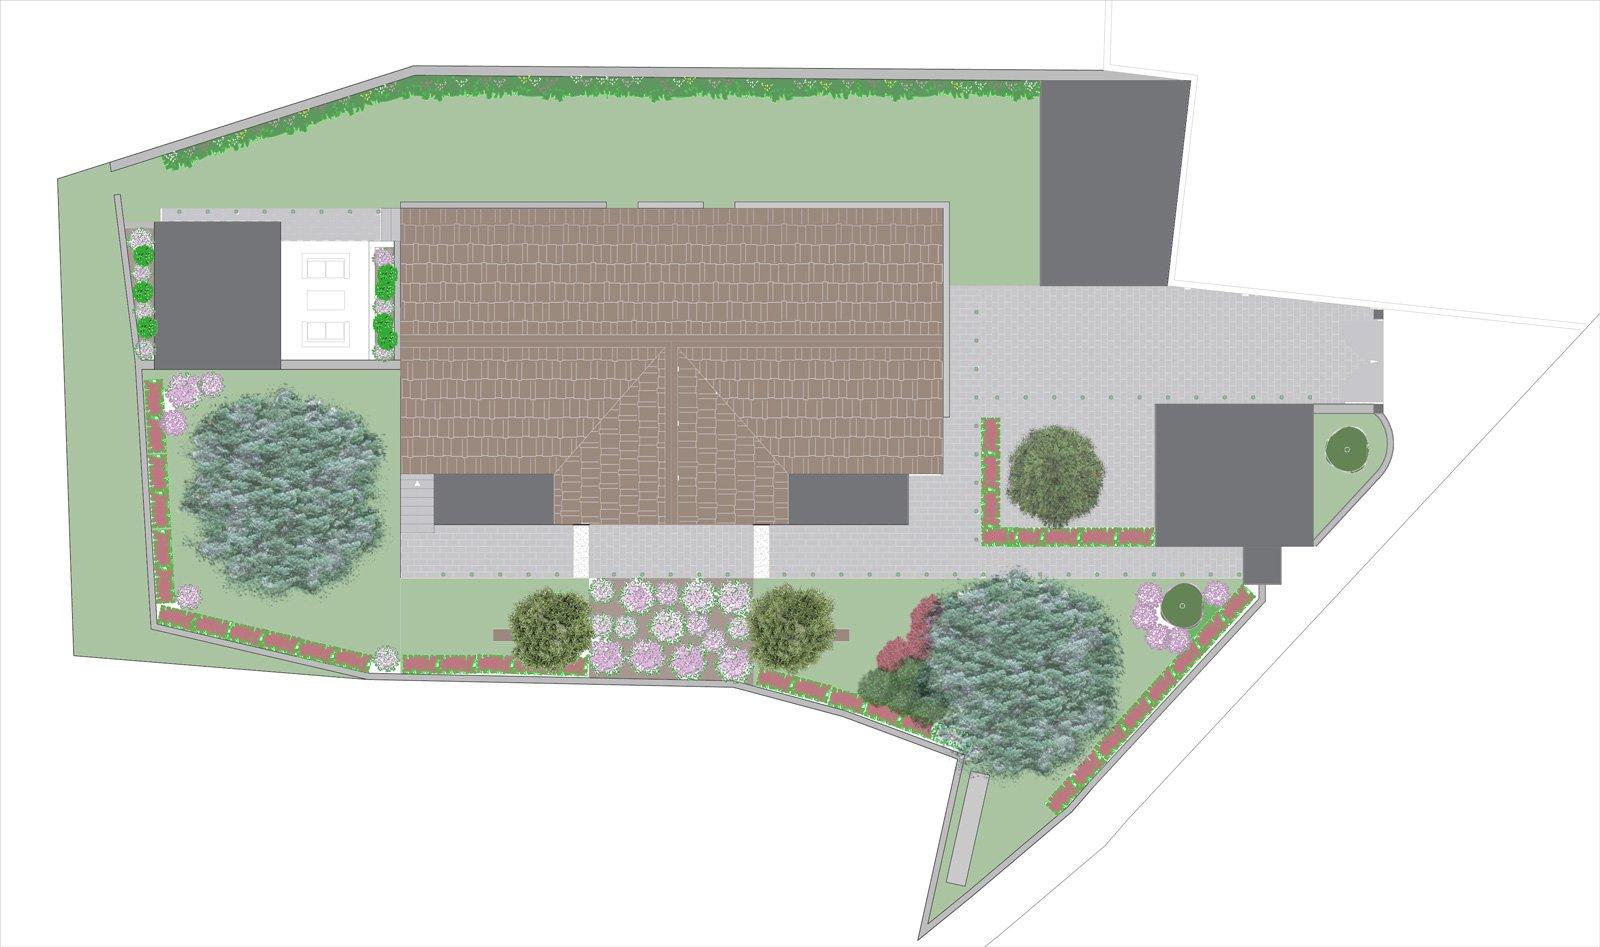 Un progetto per gli spazi esterni giardino cancellate e for Registrare gli stili di casa